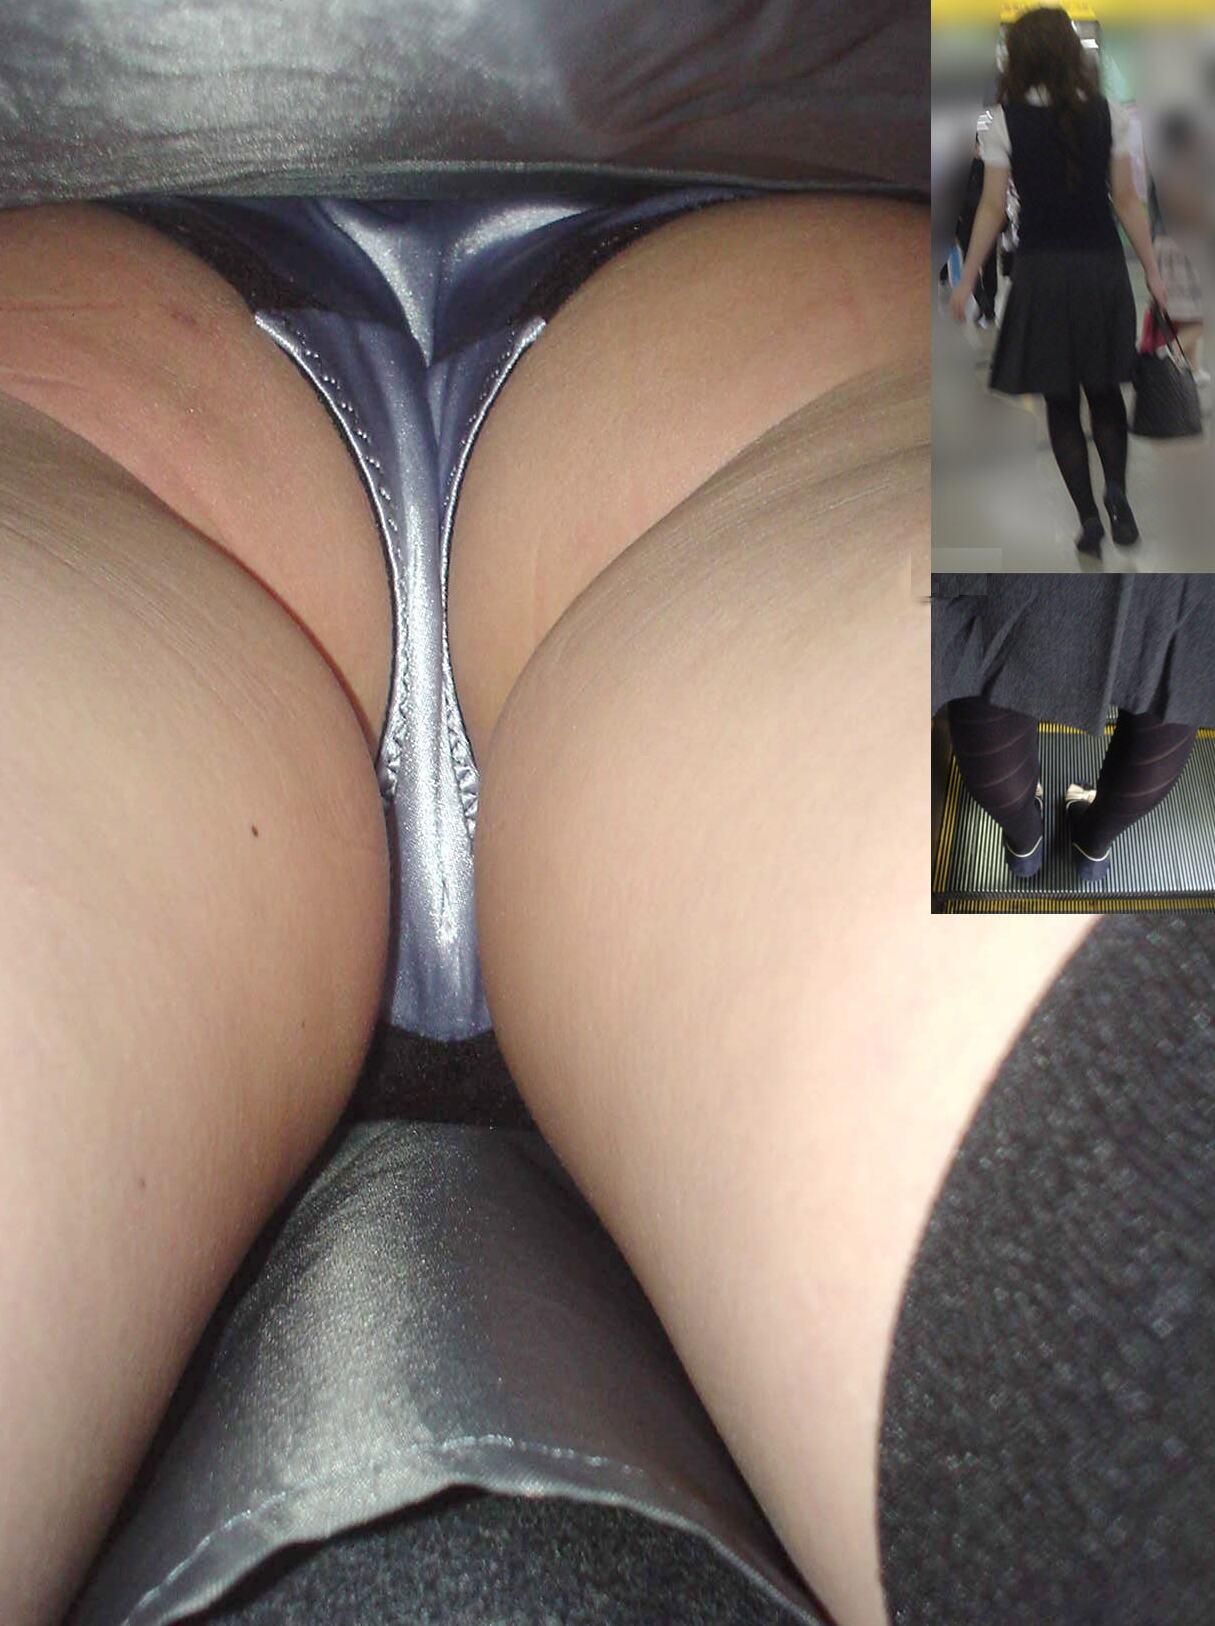 【パンチラ画像】現代の女なら必ず持ってるそして履いてるwTバック逆さ撮り(*´д`*)